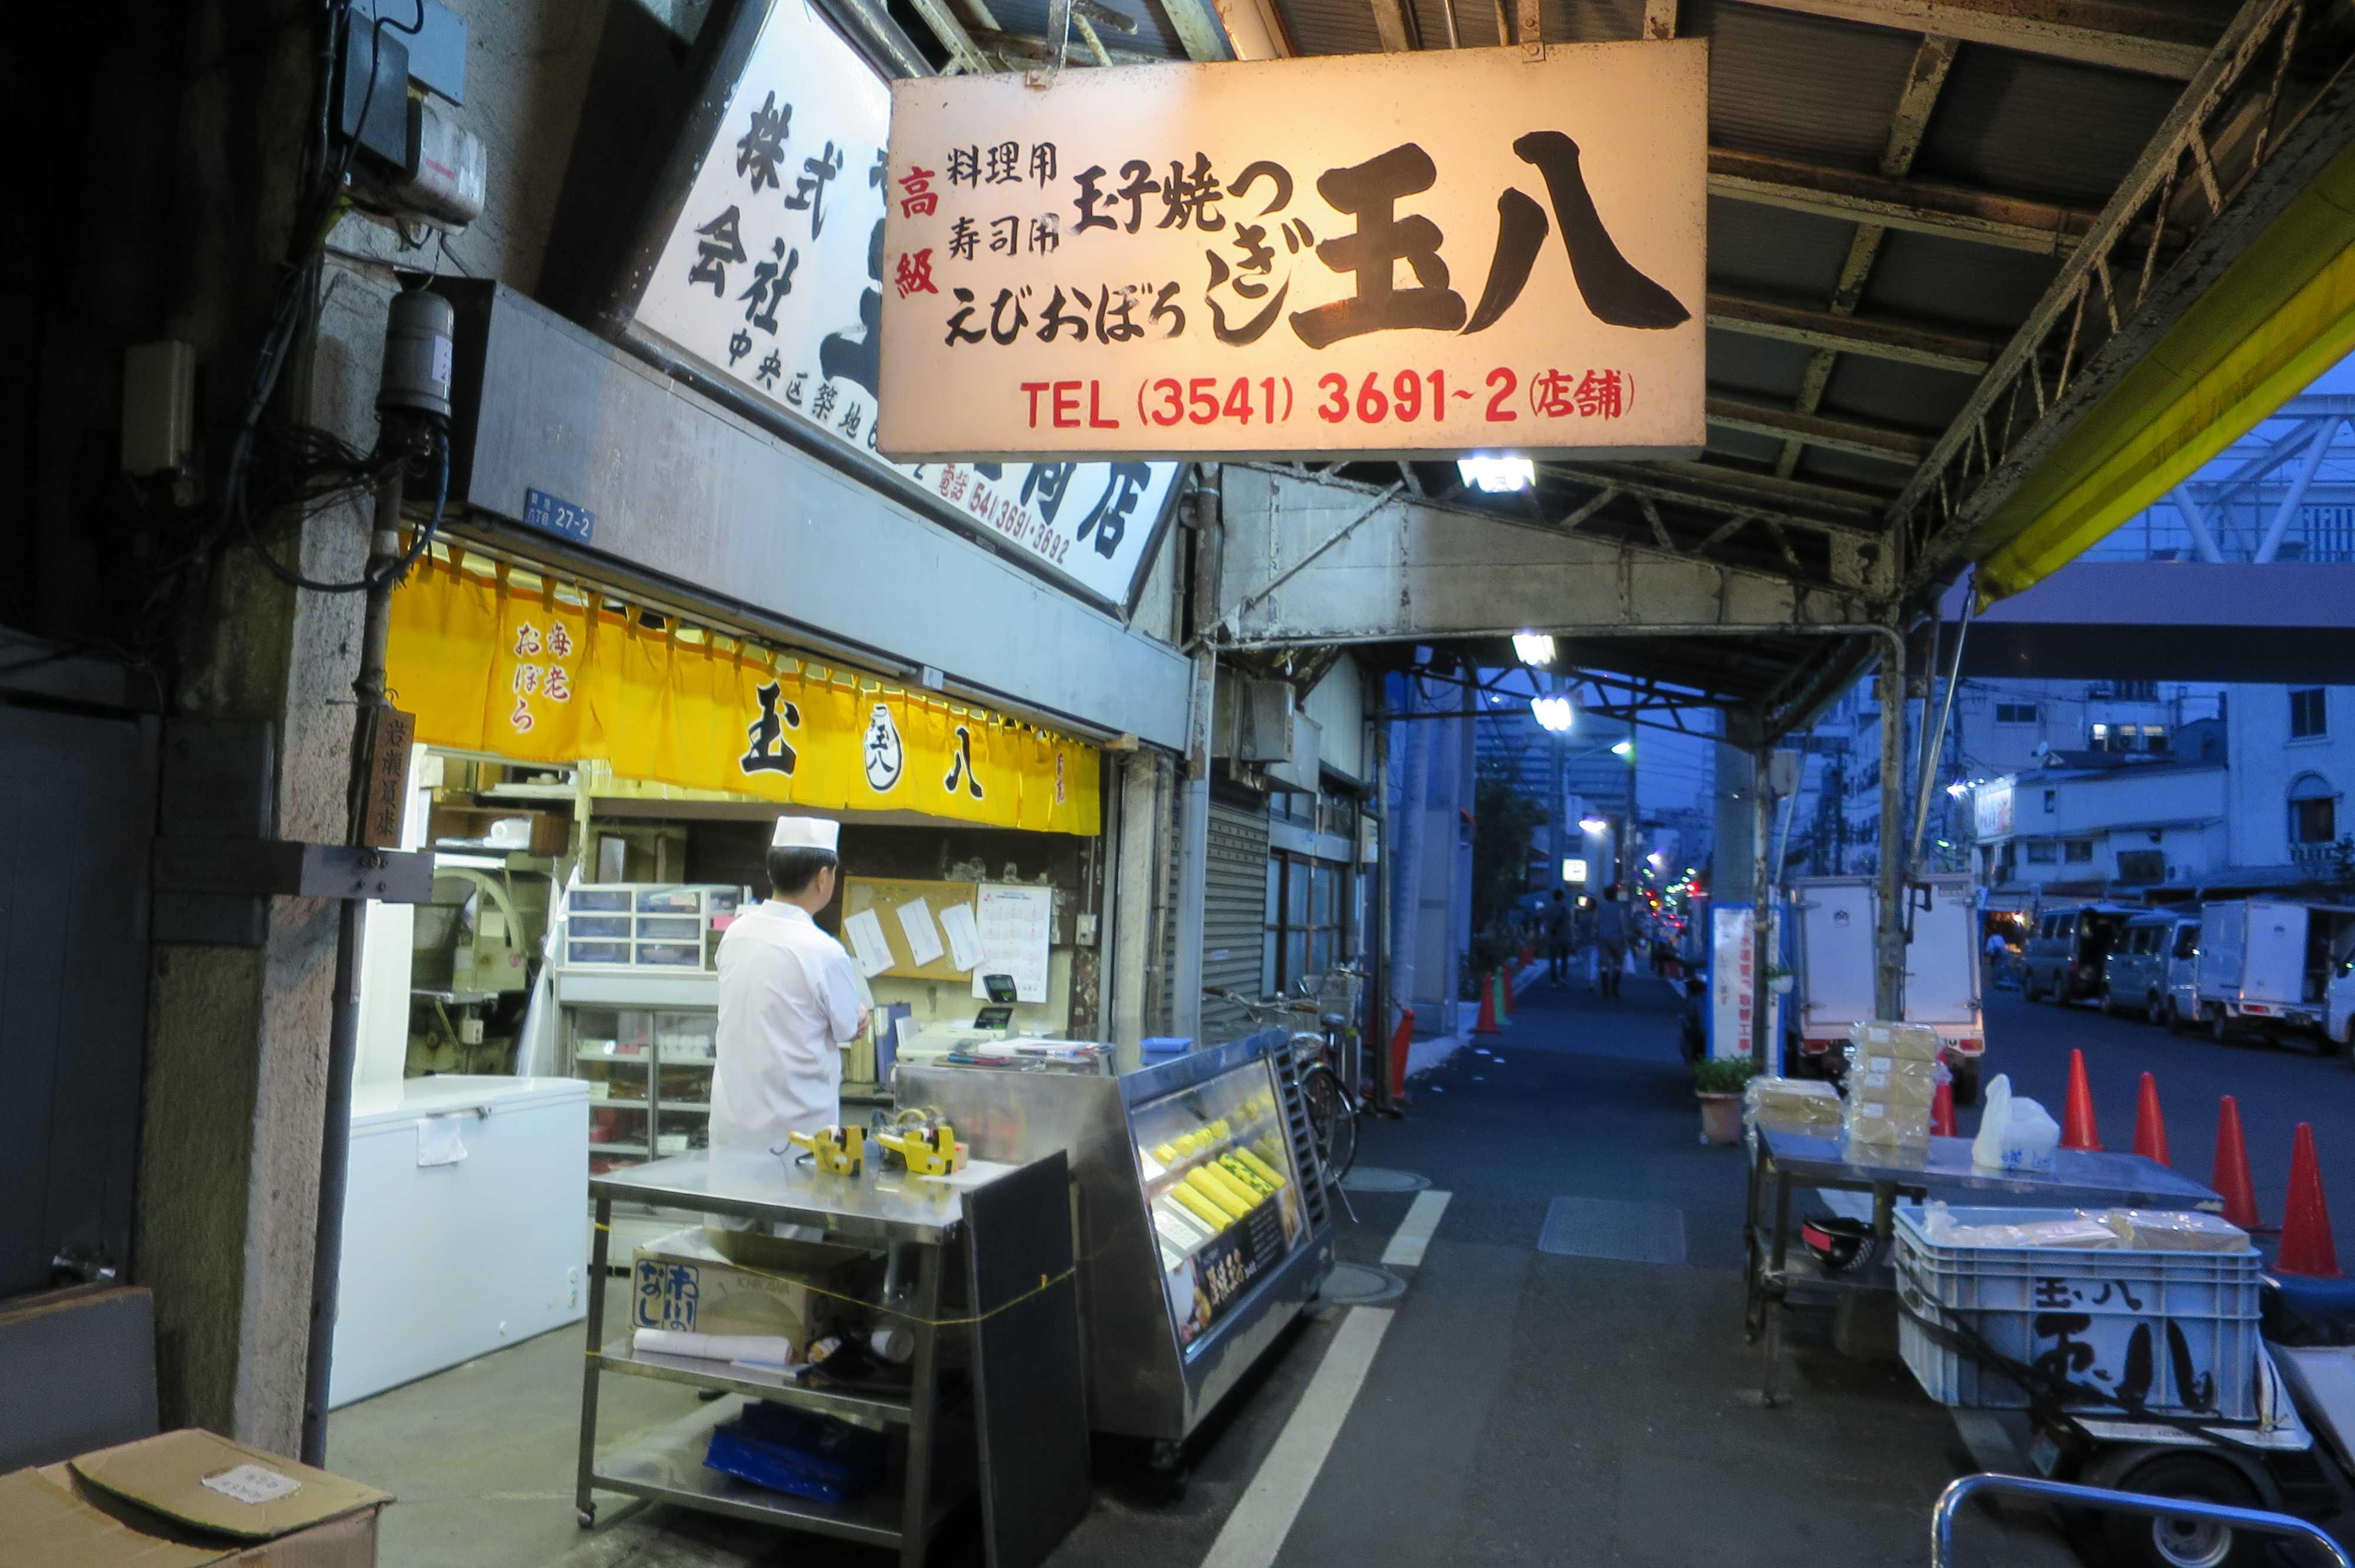 築地場外市場 - 玉子焼き専門店、えびおぼろ専門店